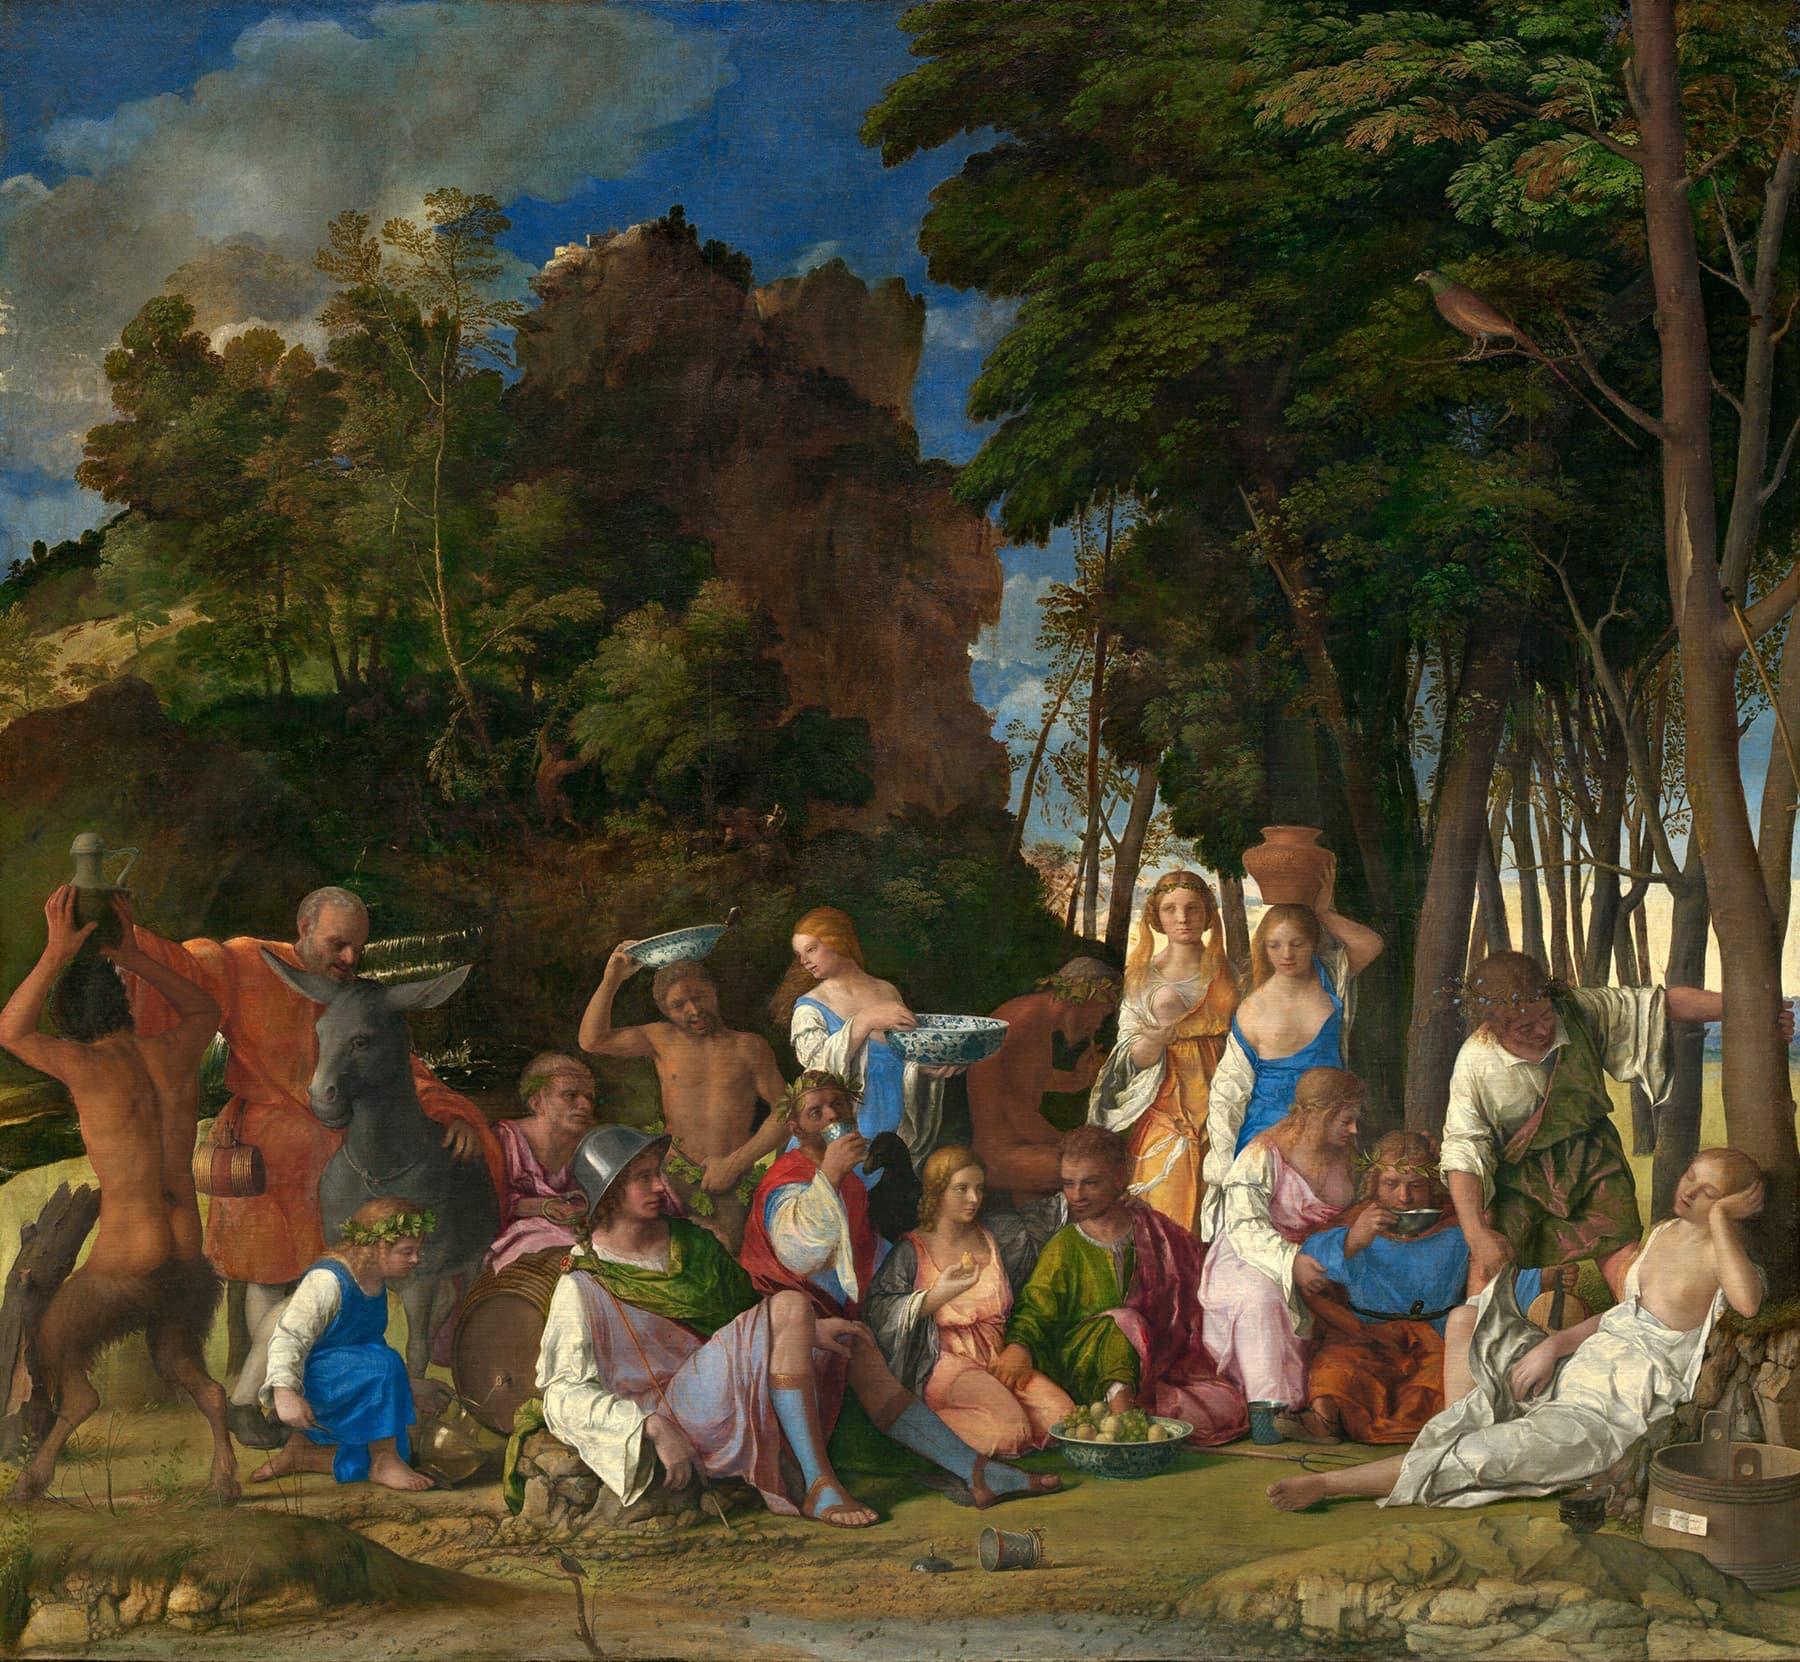 ٹیژیانو اور بیلینی کی شاہکار پینٹنگ 'خداؤں کی ضیافت'۔